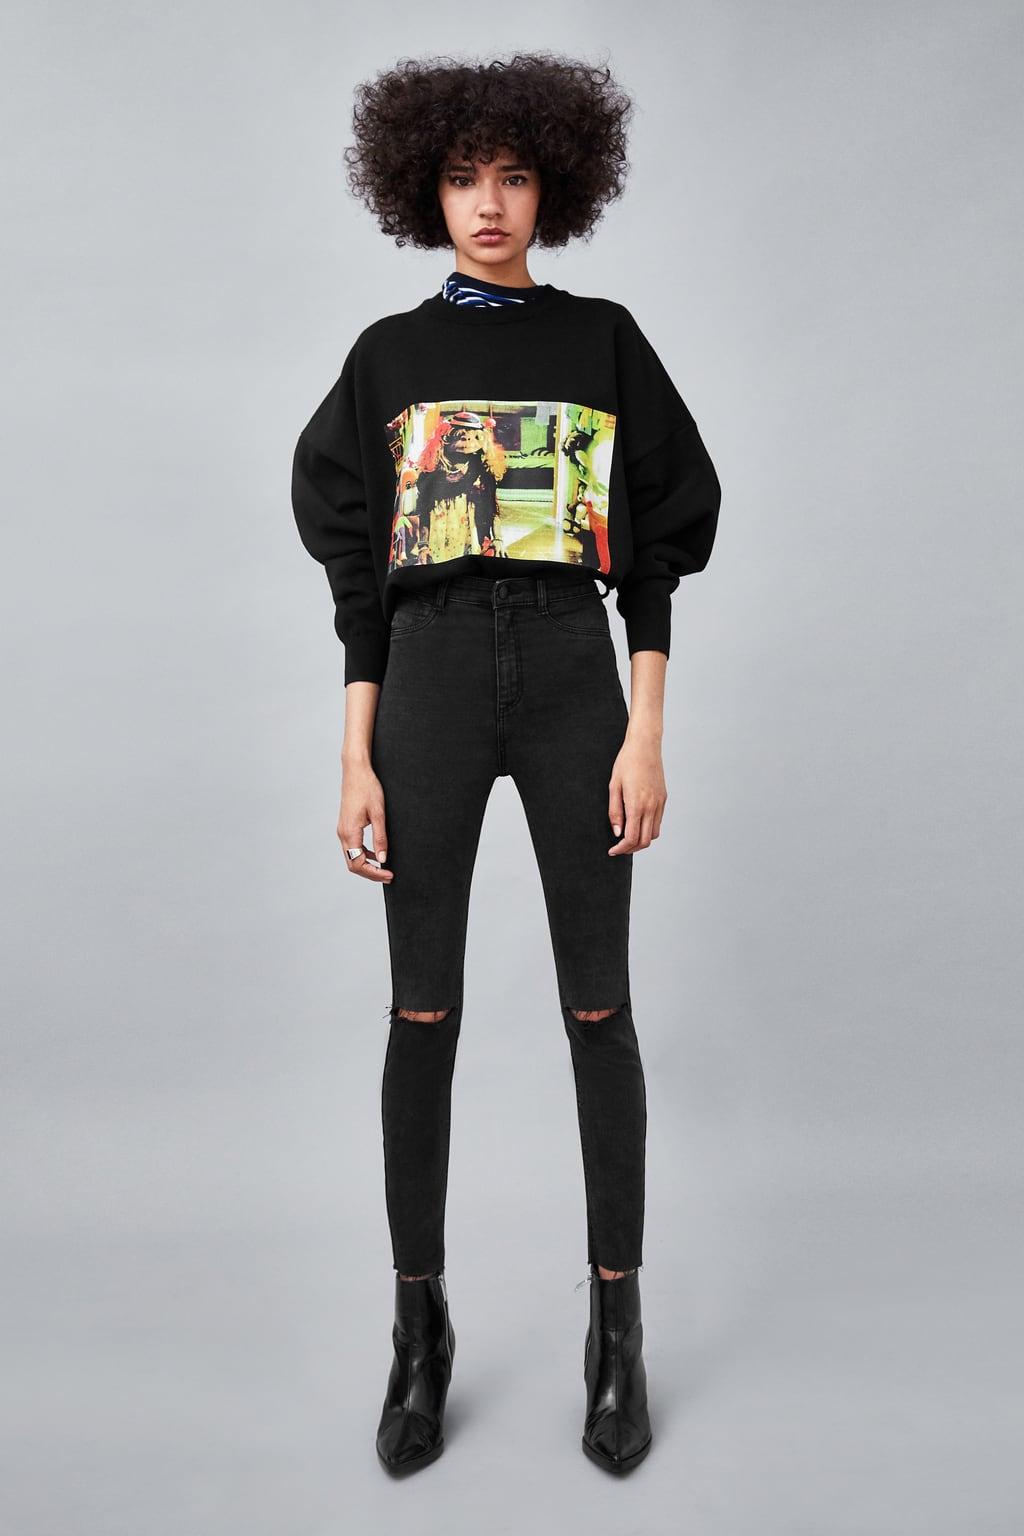 Το κεφάλαιο black jeans ίσως να είναι ένα από τα πιο αγαπημένα των  γυναικών ebfb4422932